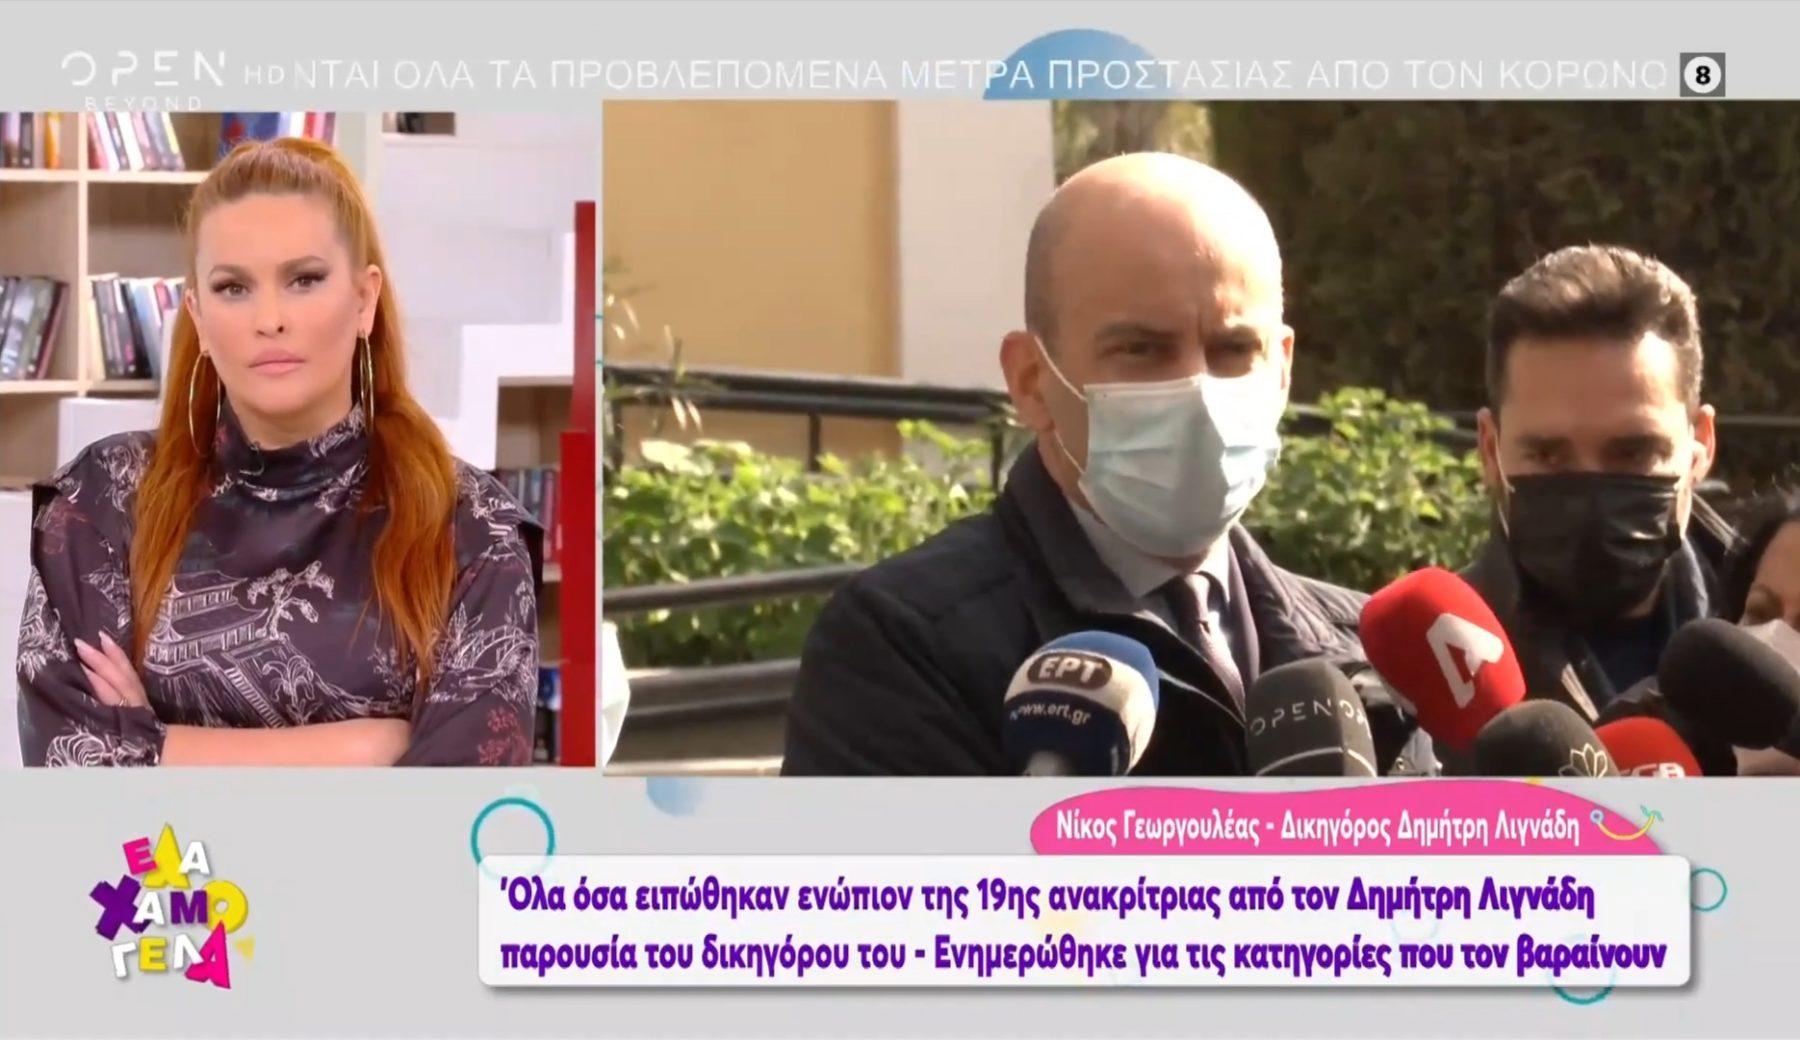 """Οι πρώτες δηλώσεις του συνηγόρου του Δημήτρη Λιγνάδη έξω από το γραφείο του Ανακριτή: """"Ο πελάτης μου δηλώνει αθώος για όλες τις κατηγορίες"""""""